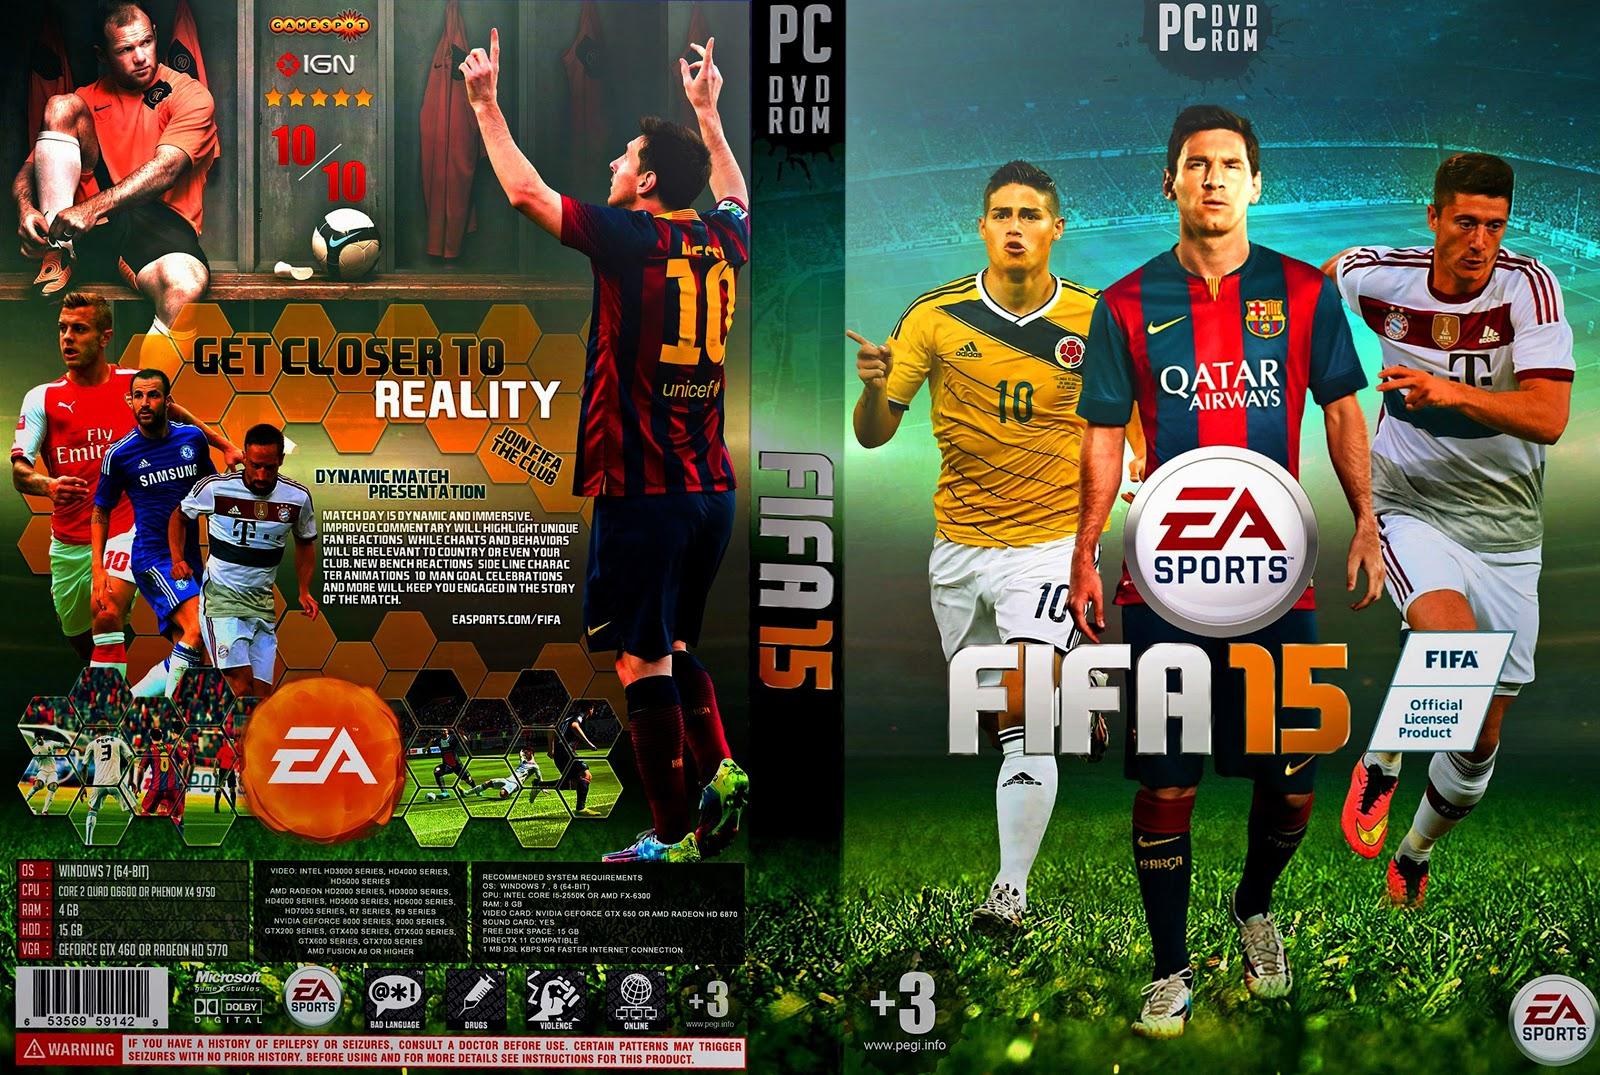 Capa Fifa 15 PC